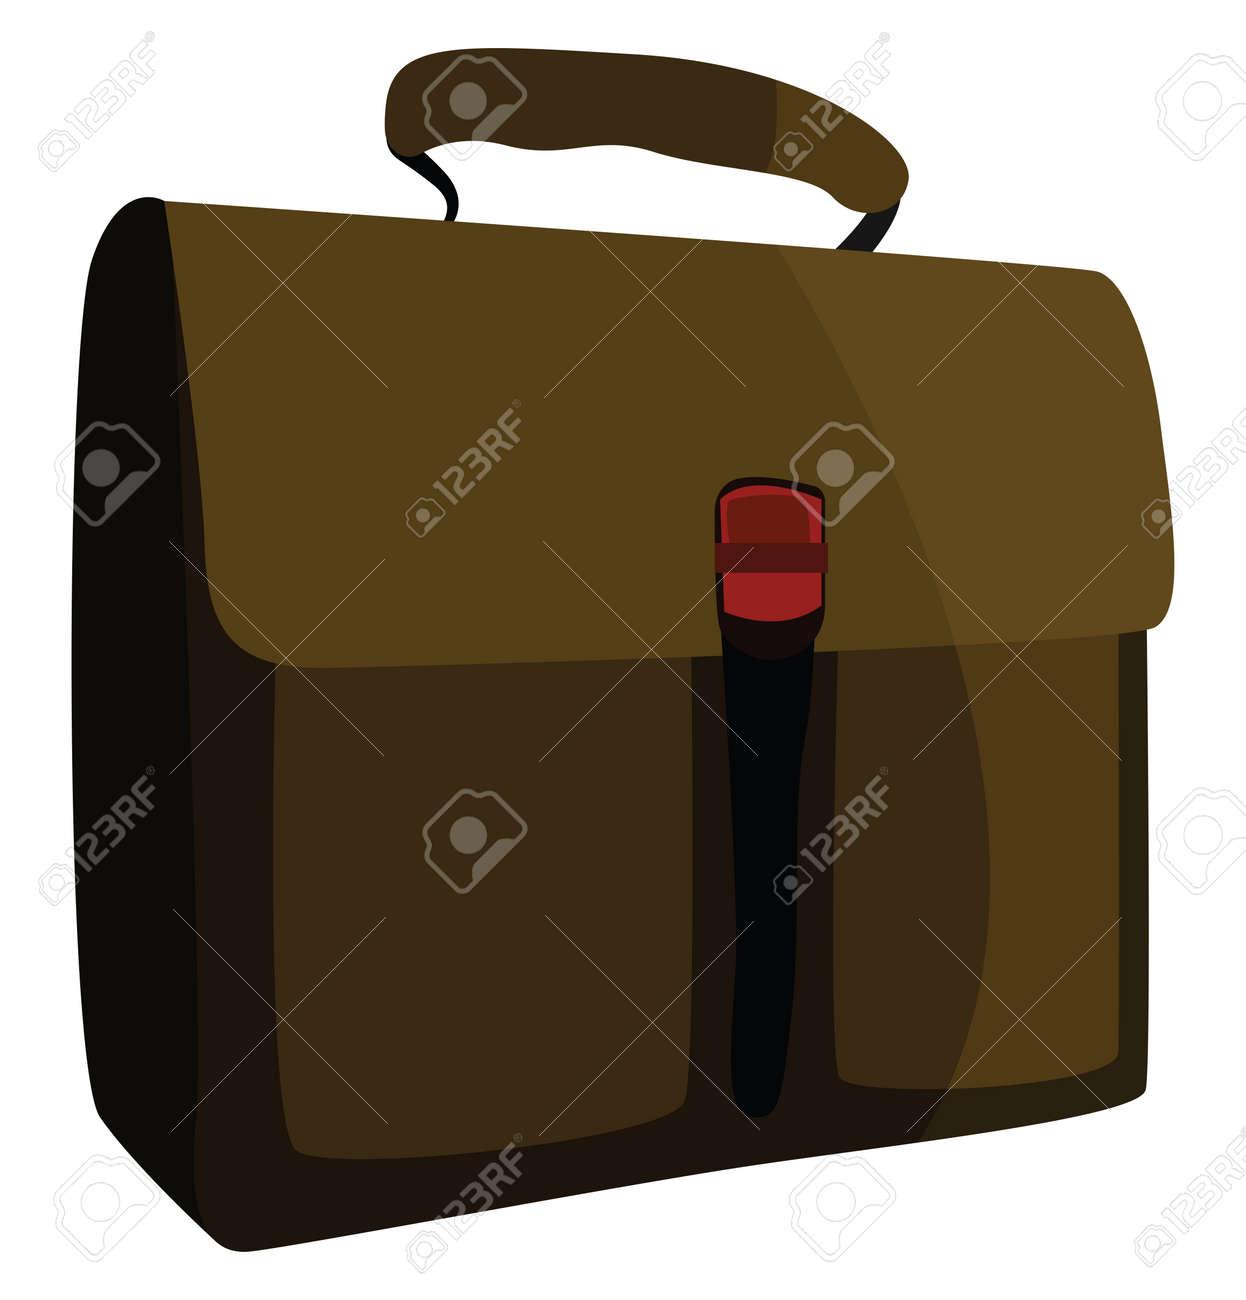 Work bag, illustration, vector on white background. - 152588369